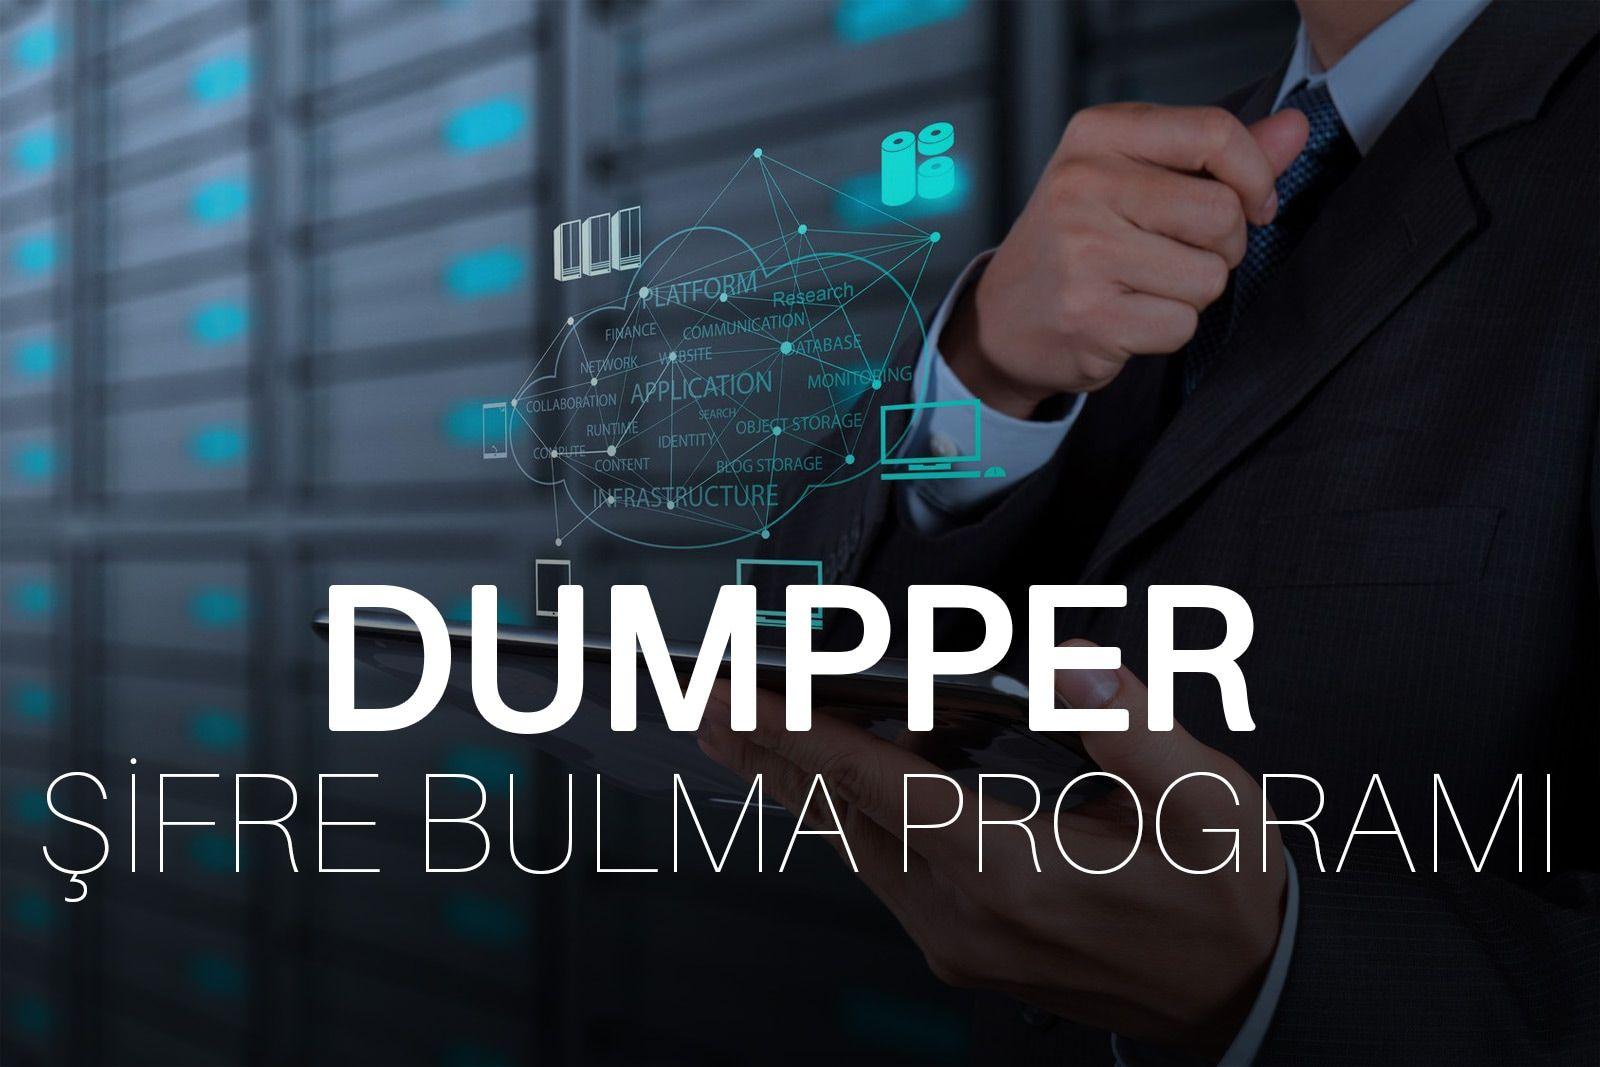 Photo of Dumpper Wifi Şifresi Öğrenme Programı Nasıl Çalışır?